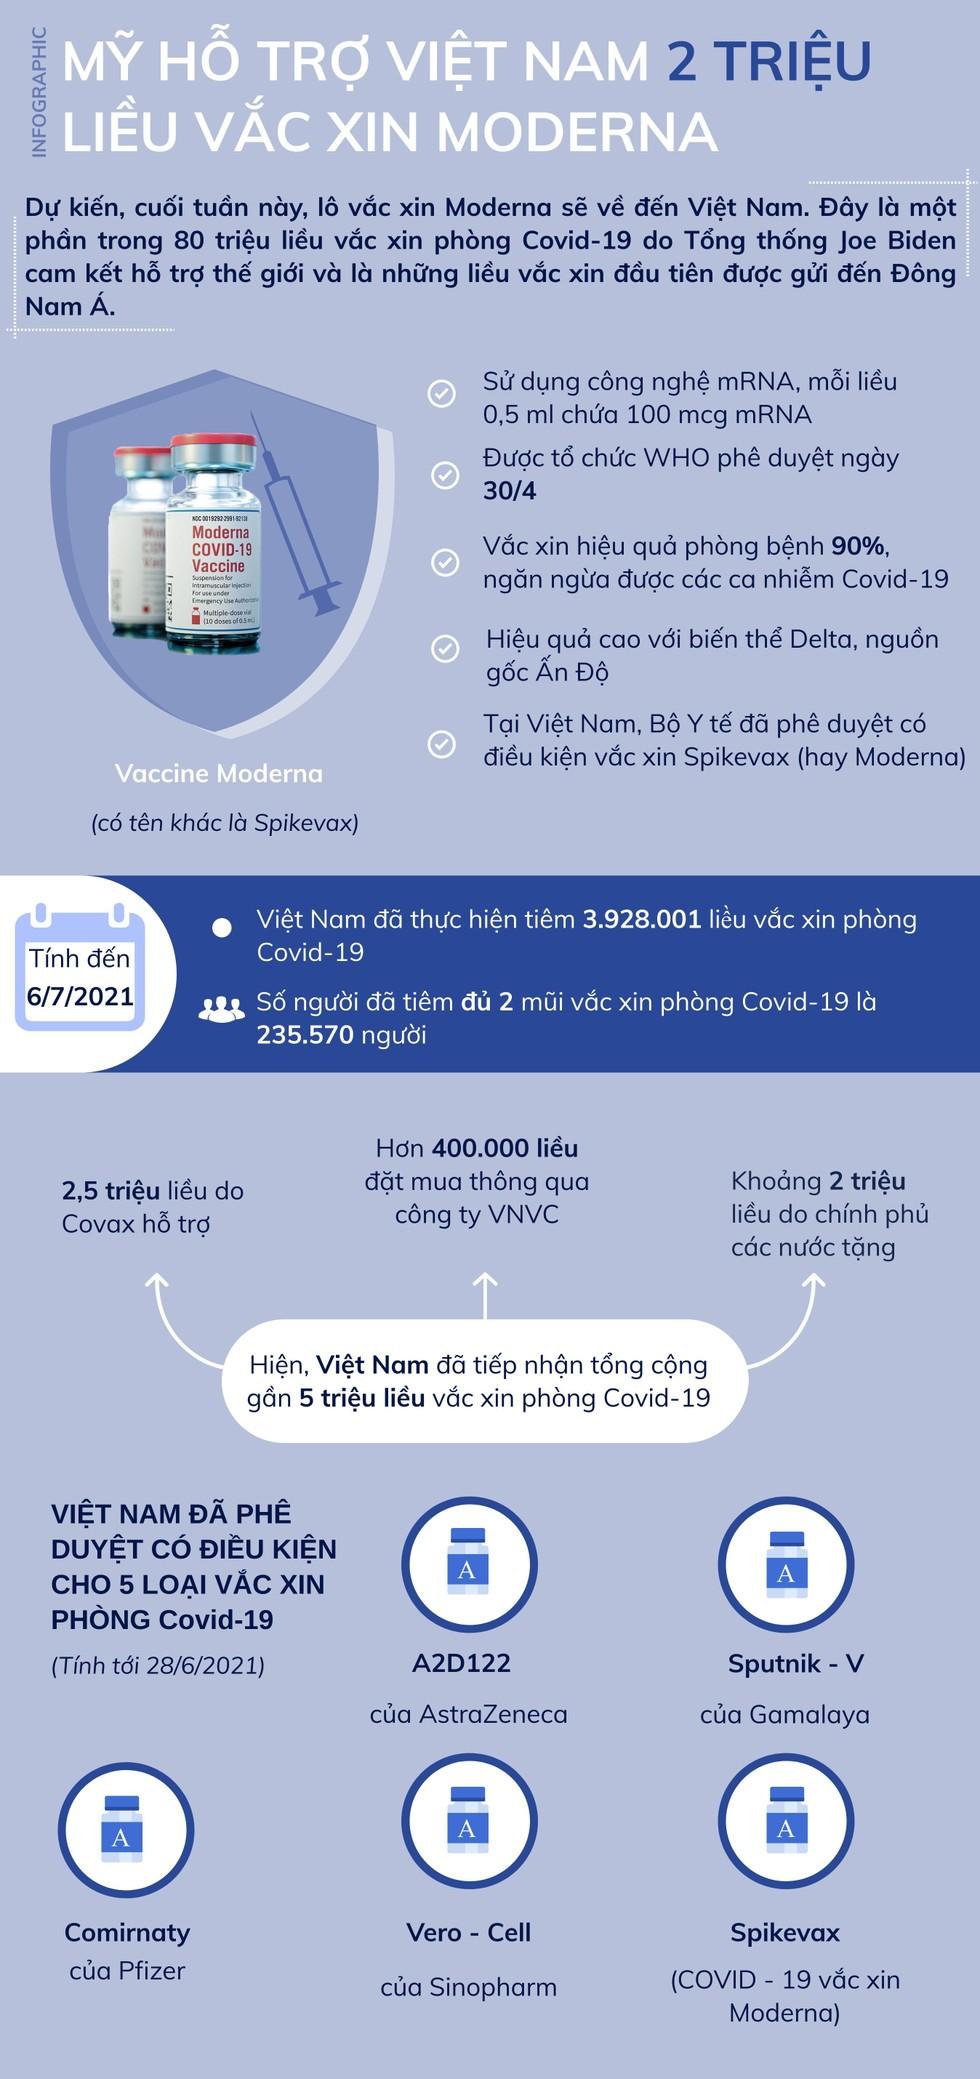 Infographic: 2 triệu liều vắc xin Moderna của Mỹ sắp về Việt Nam ảnh 1